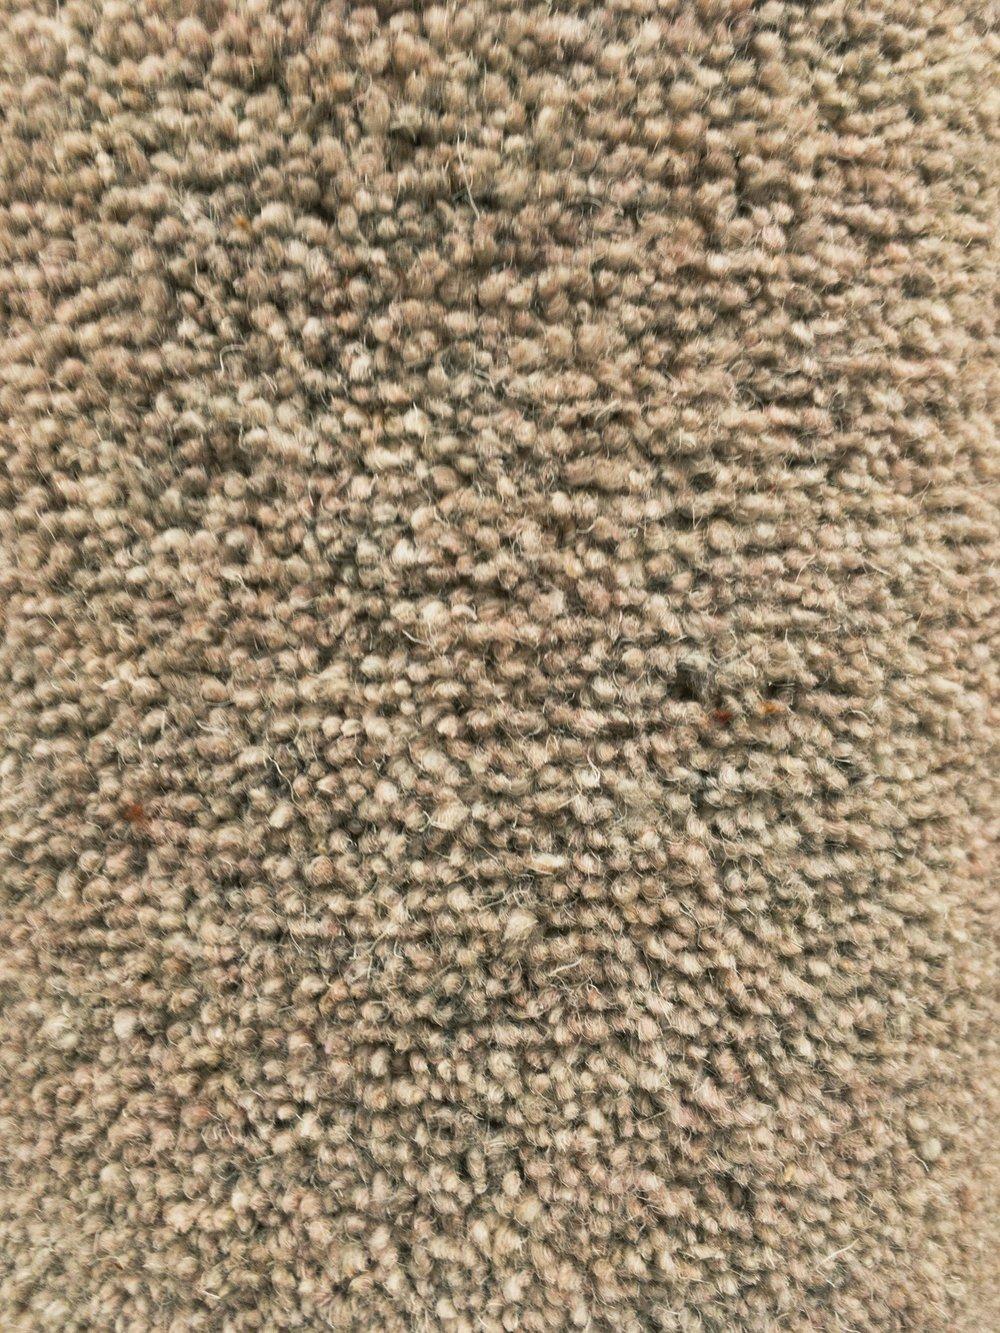 Arran 50oz - Colour: Chestnut80/20Size: 4.02 x 4.00MPrice: £353.76